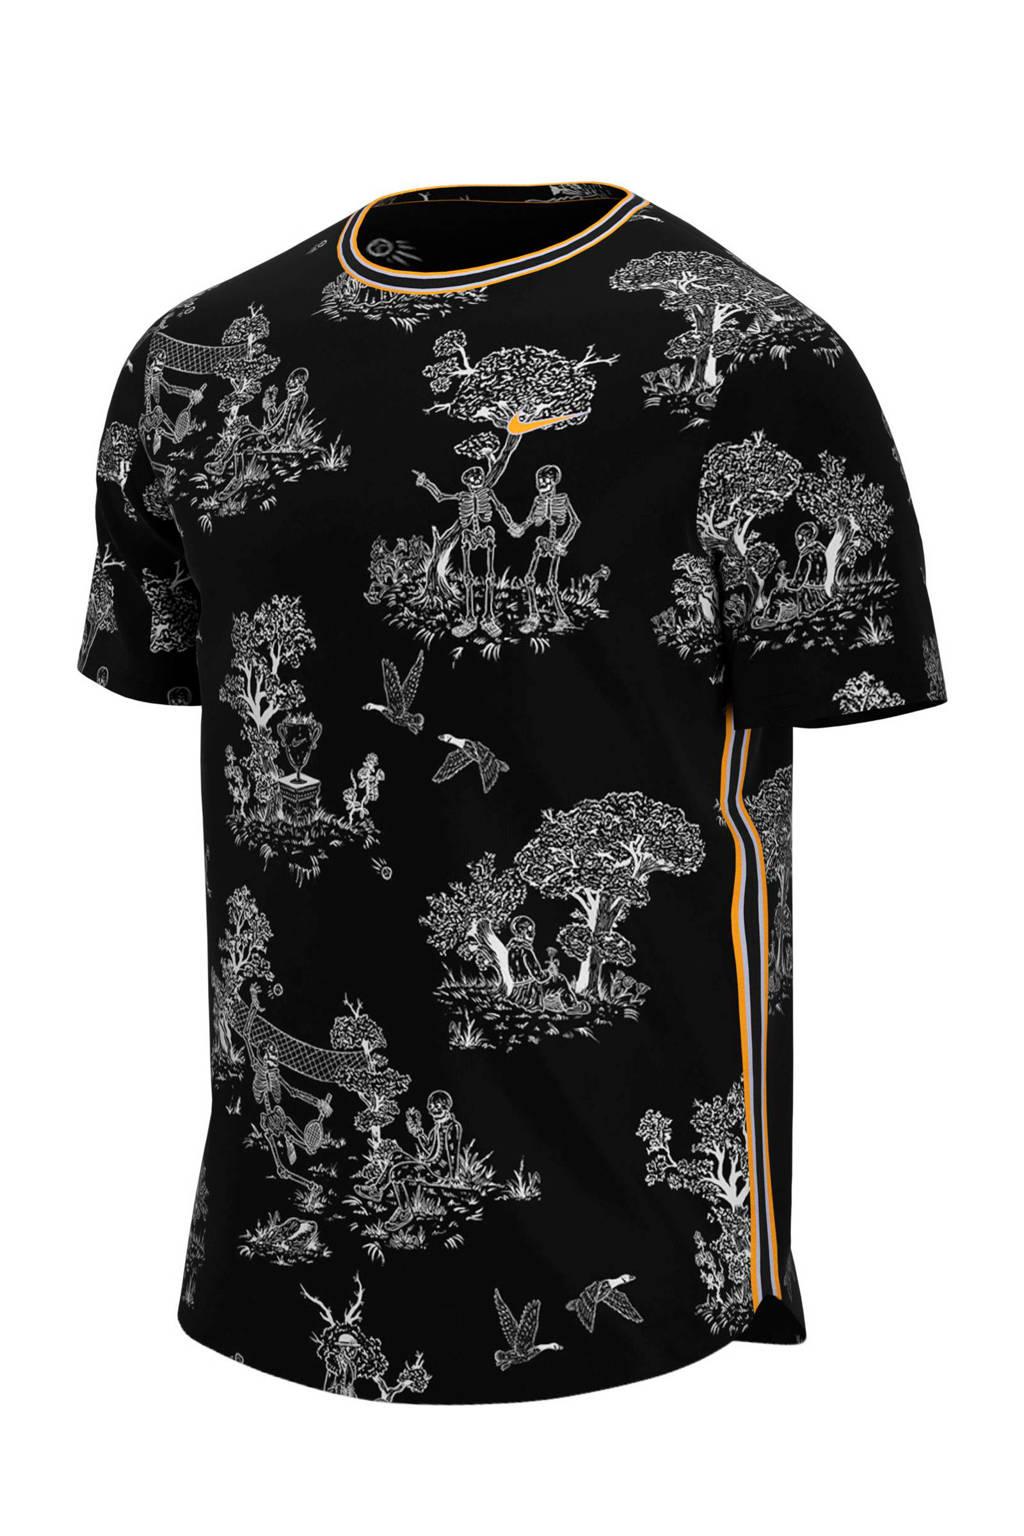 Nike   sport T-shirt zwart, Zwart/wit/geel